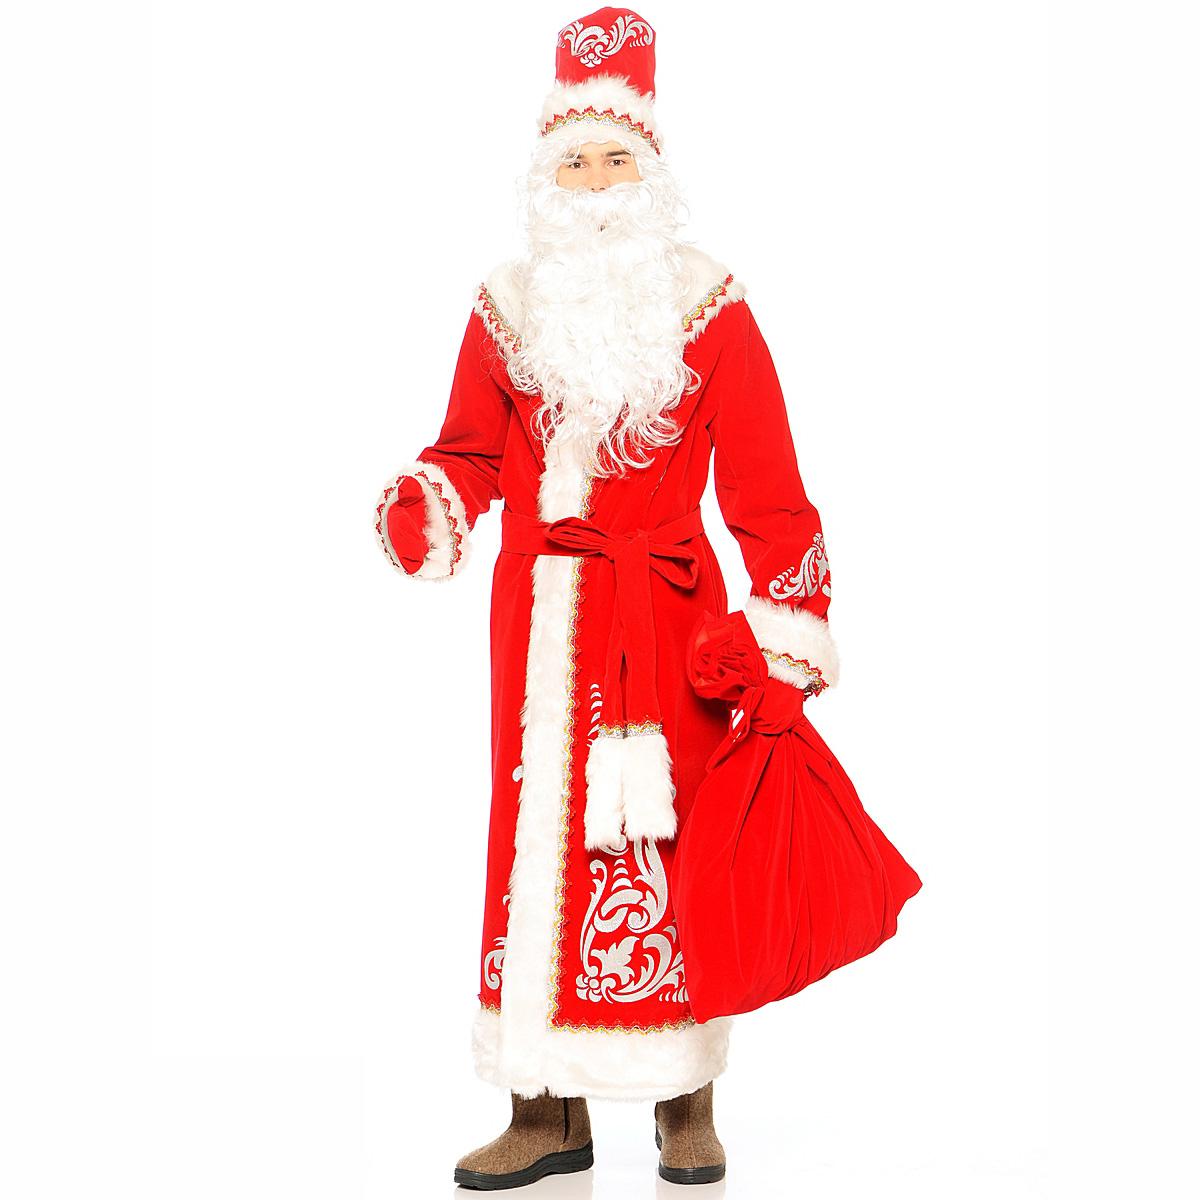 Купить Костюм карнавальный взрослый - Дед Мороз с аппликациями, красный, размер 54-56, Батик